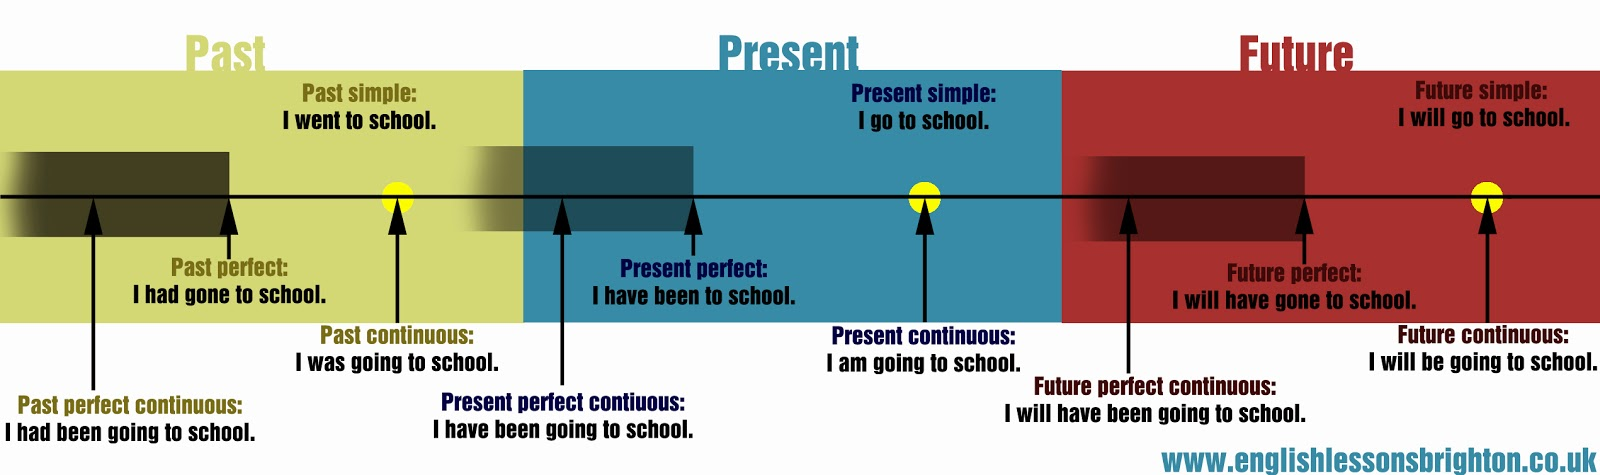 Pengertian, Rumus, dan Contoh Kalimat Past Continuous Tense